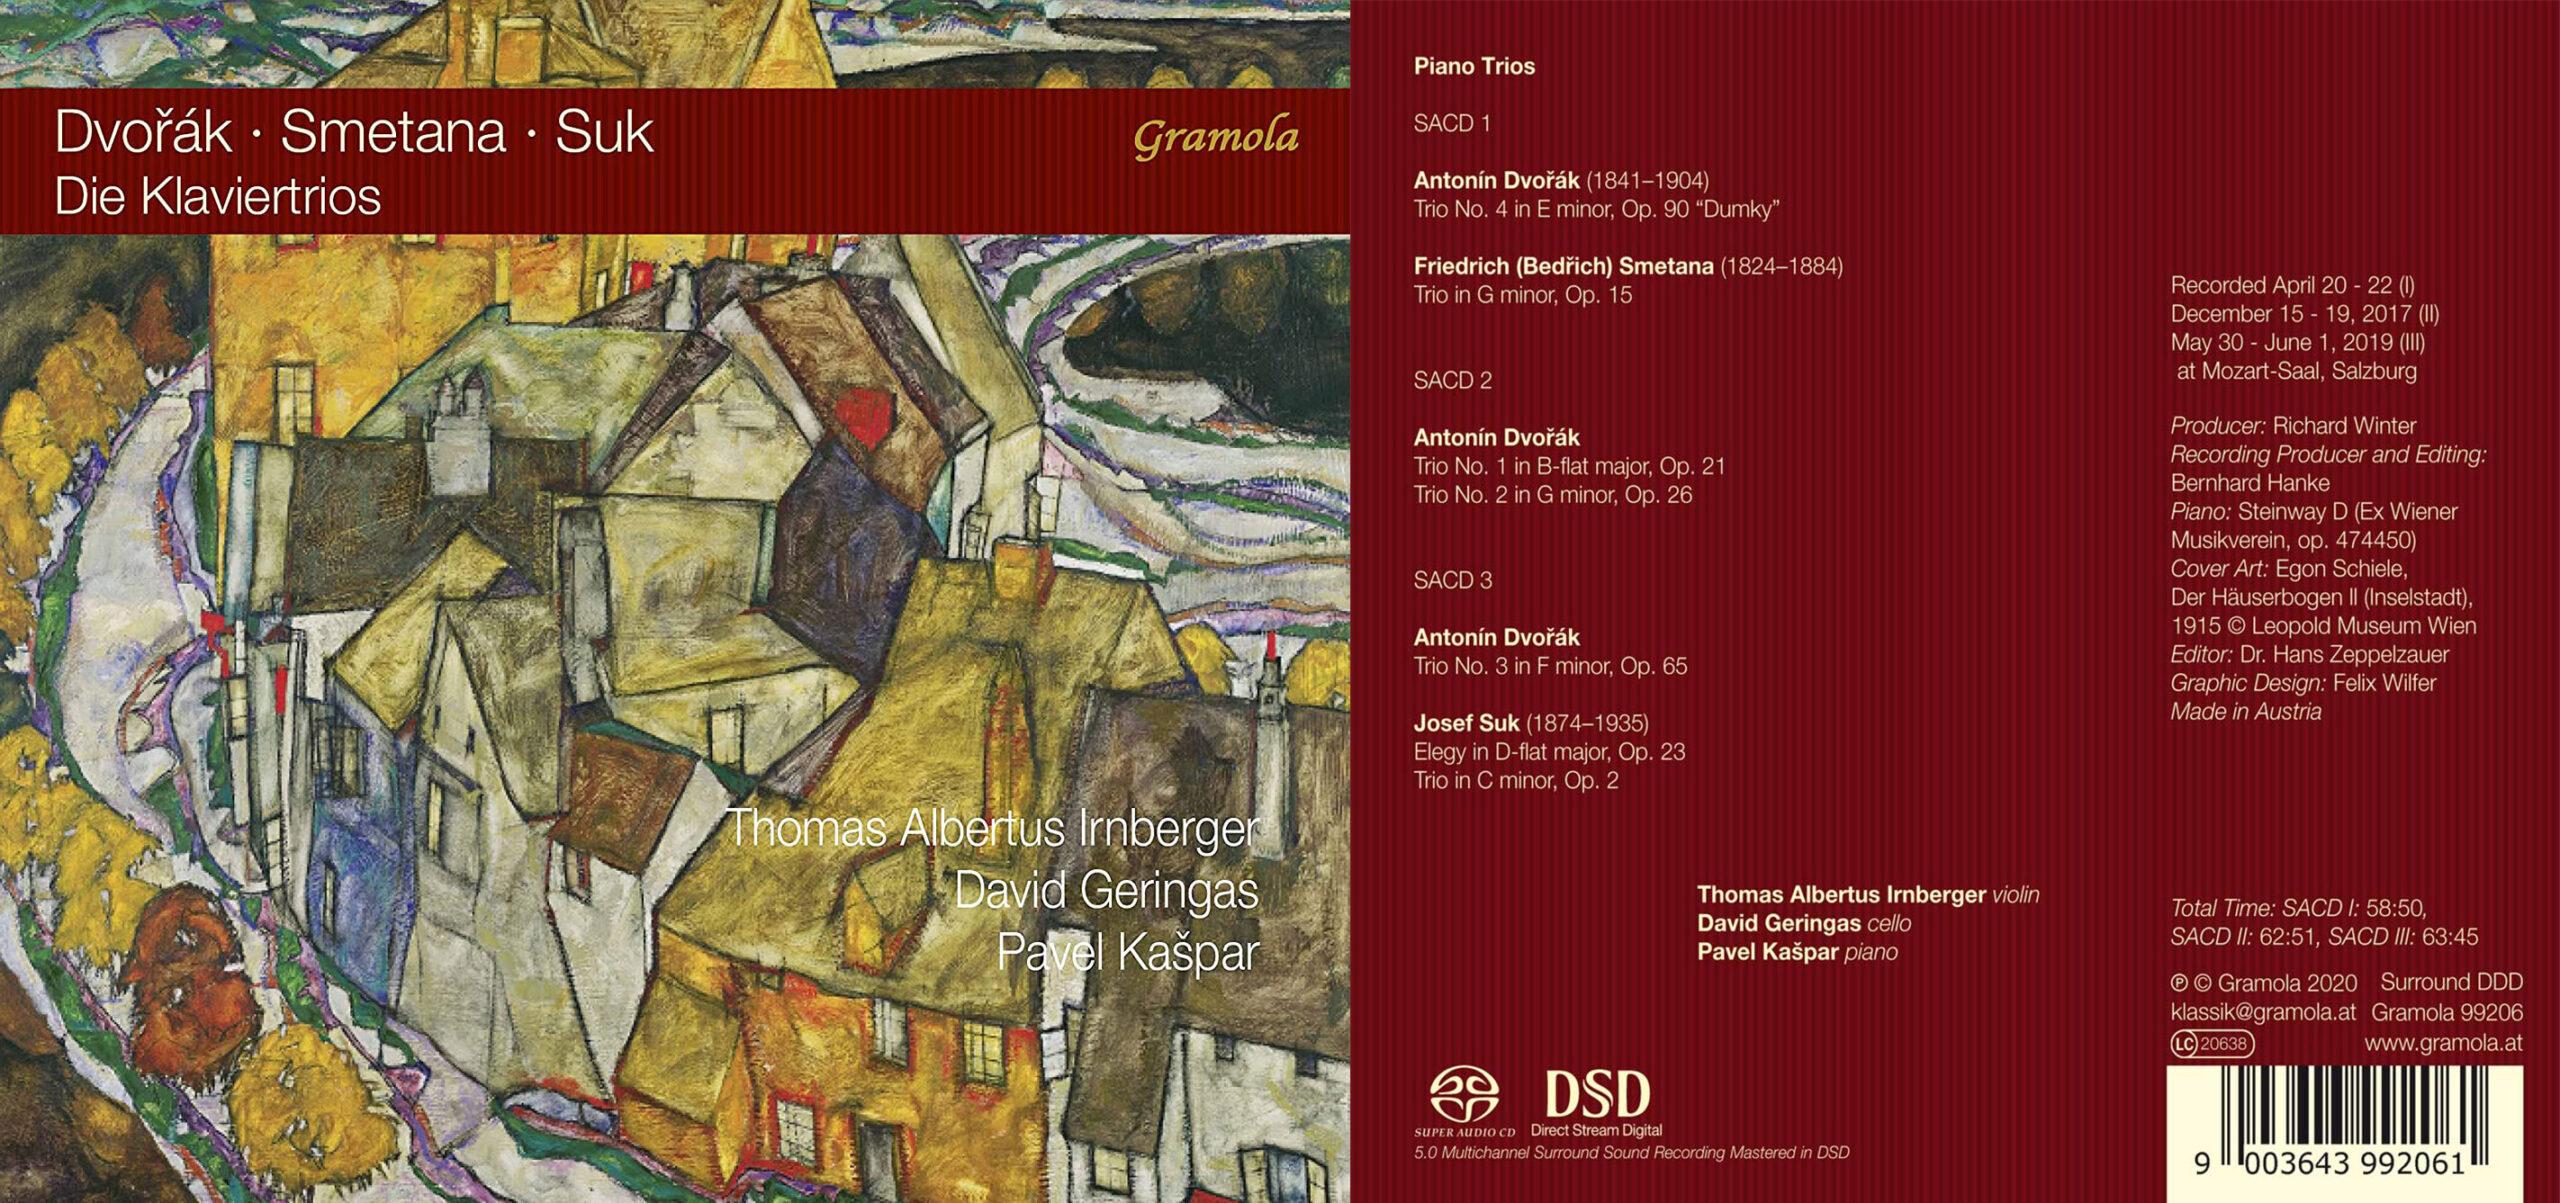 MusicWeb International | Dvořák, Smetana & Suk: Piano Trios